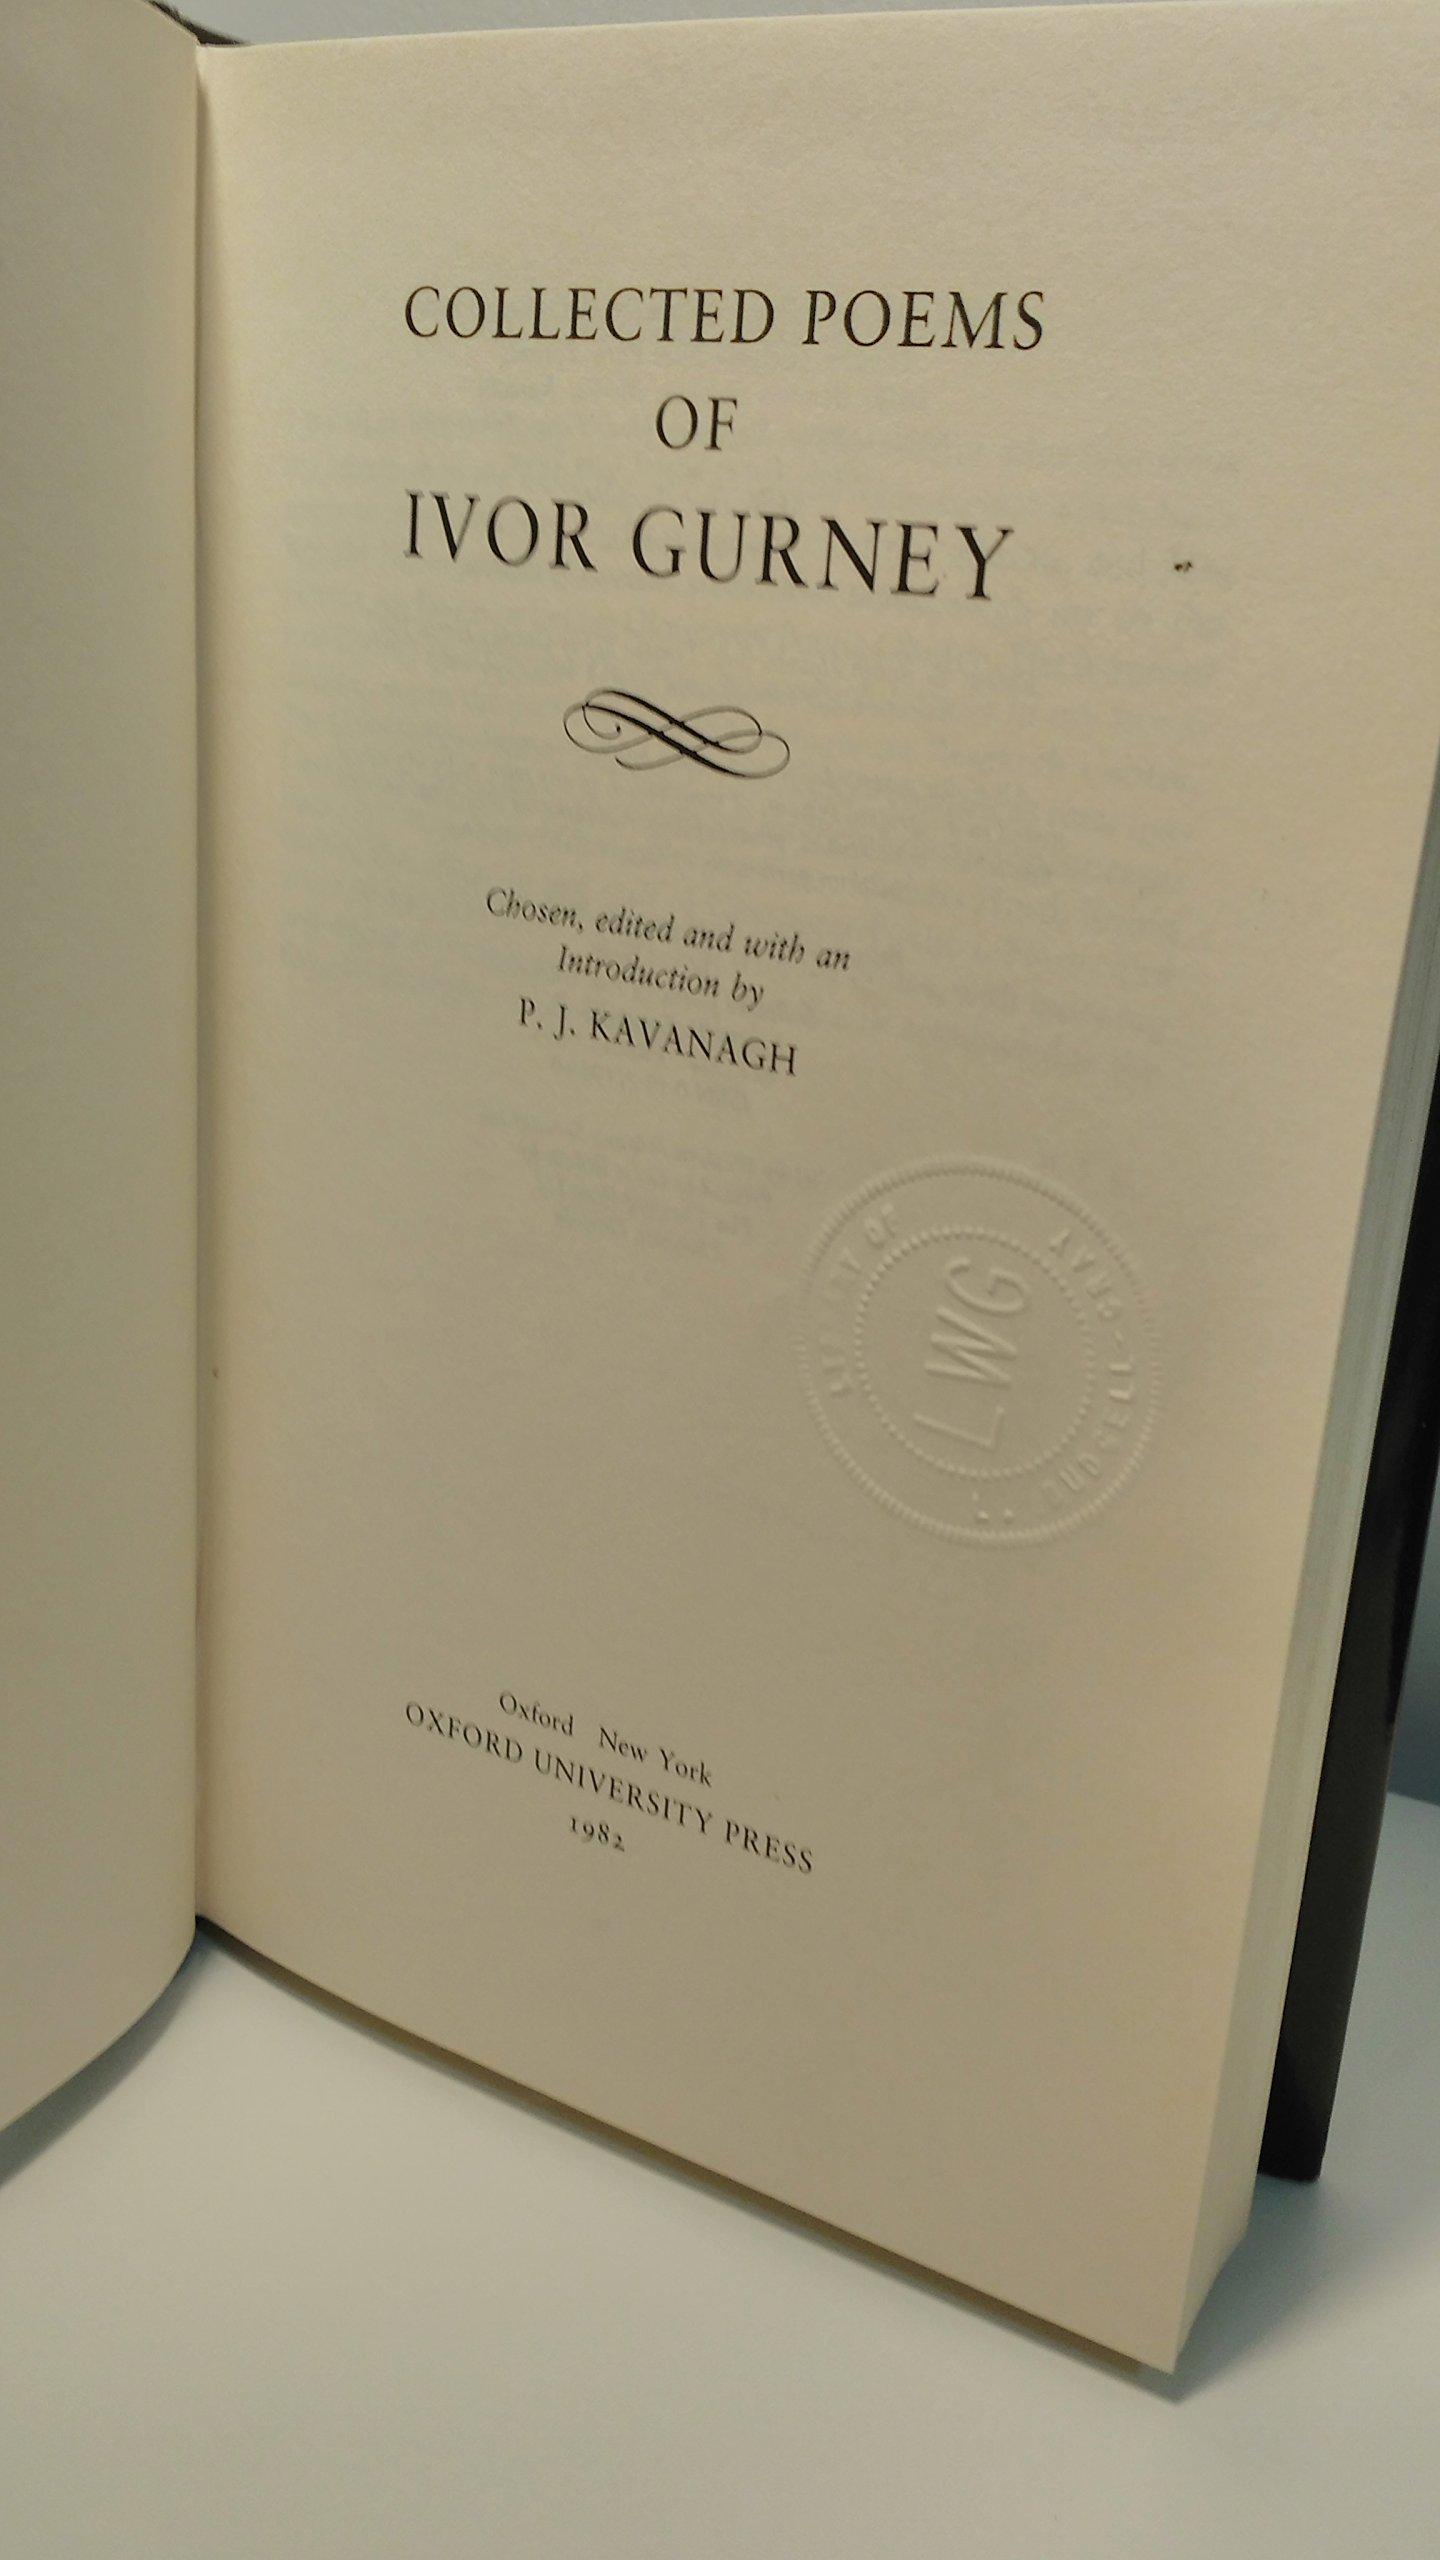 collected poems gurney ivor kavanagh p j